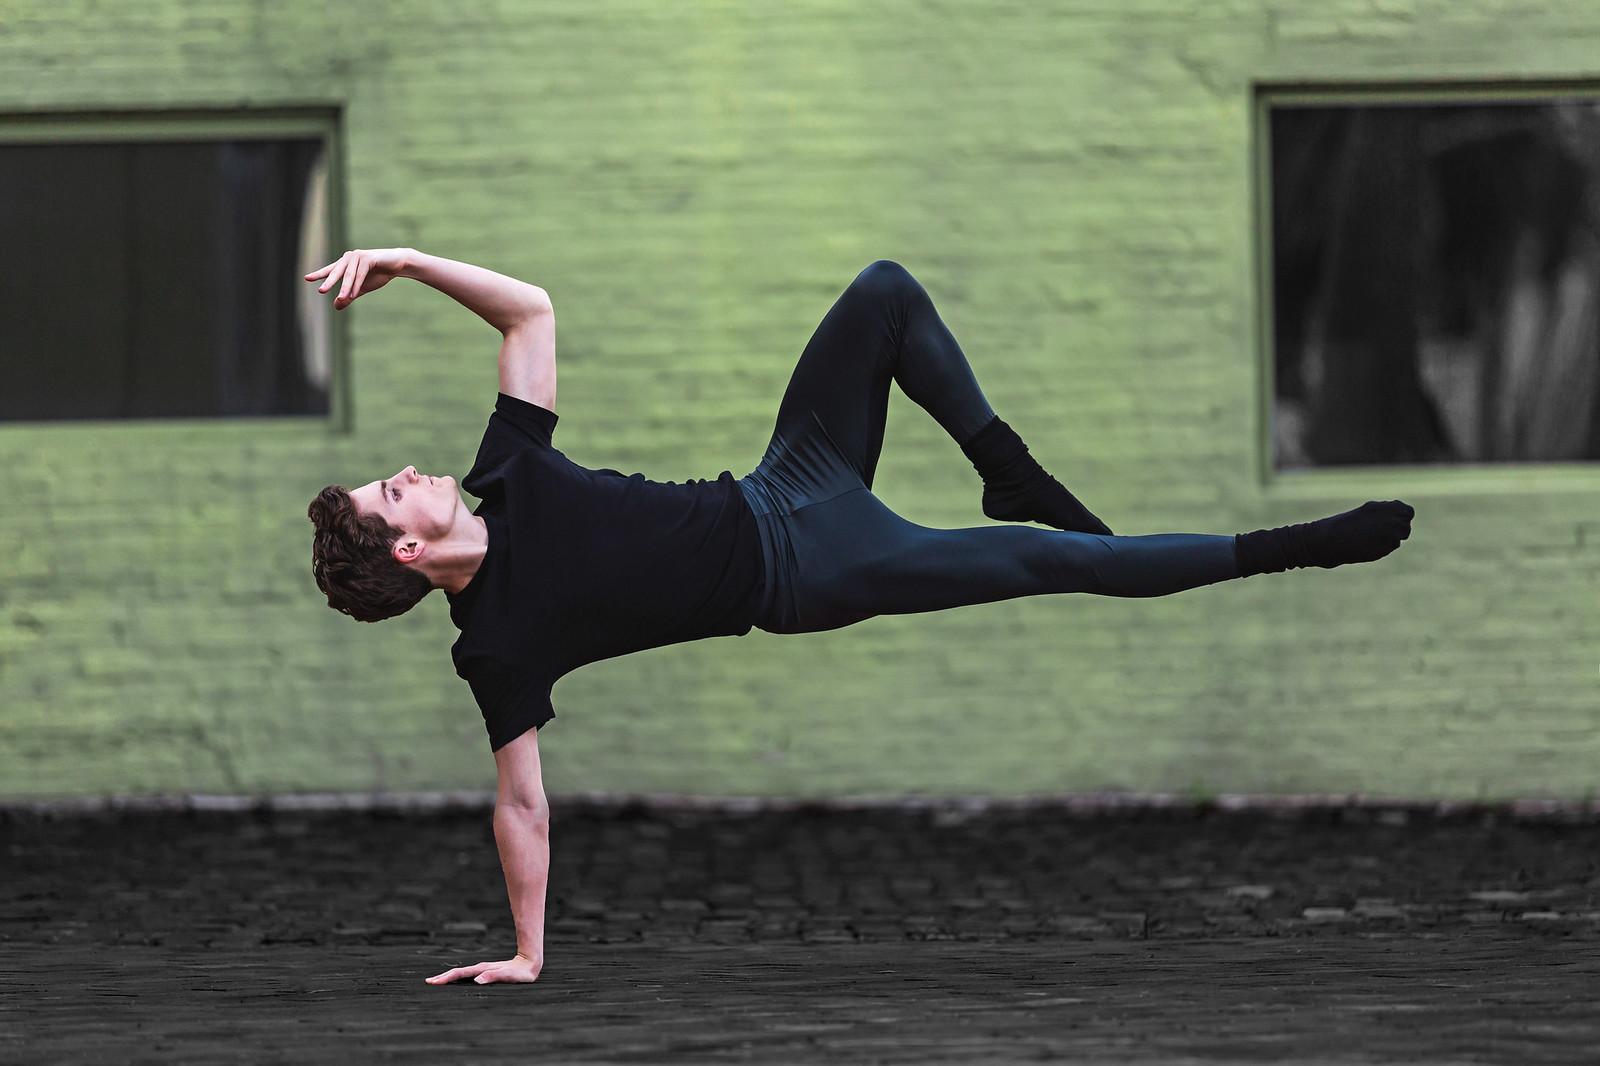 adam-szarmack-jacksonville-dance-photography-5.jpg